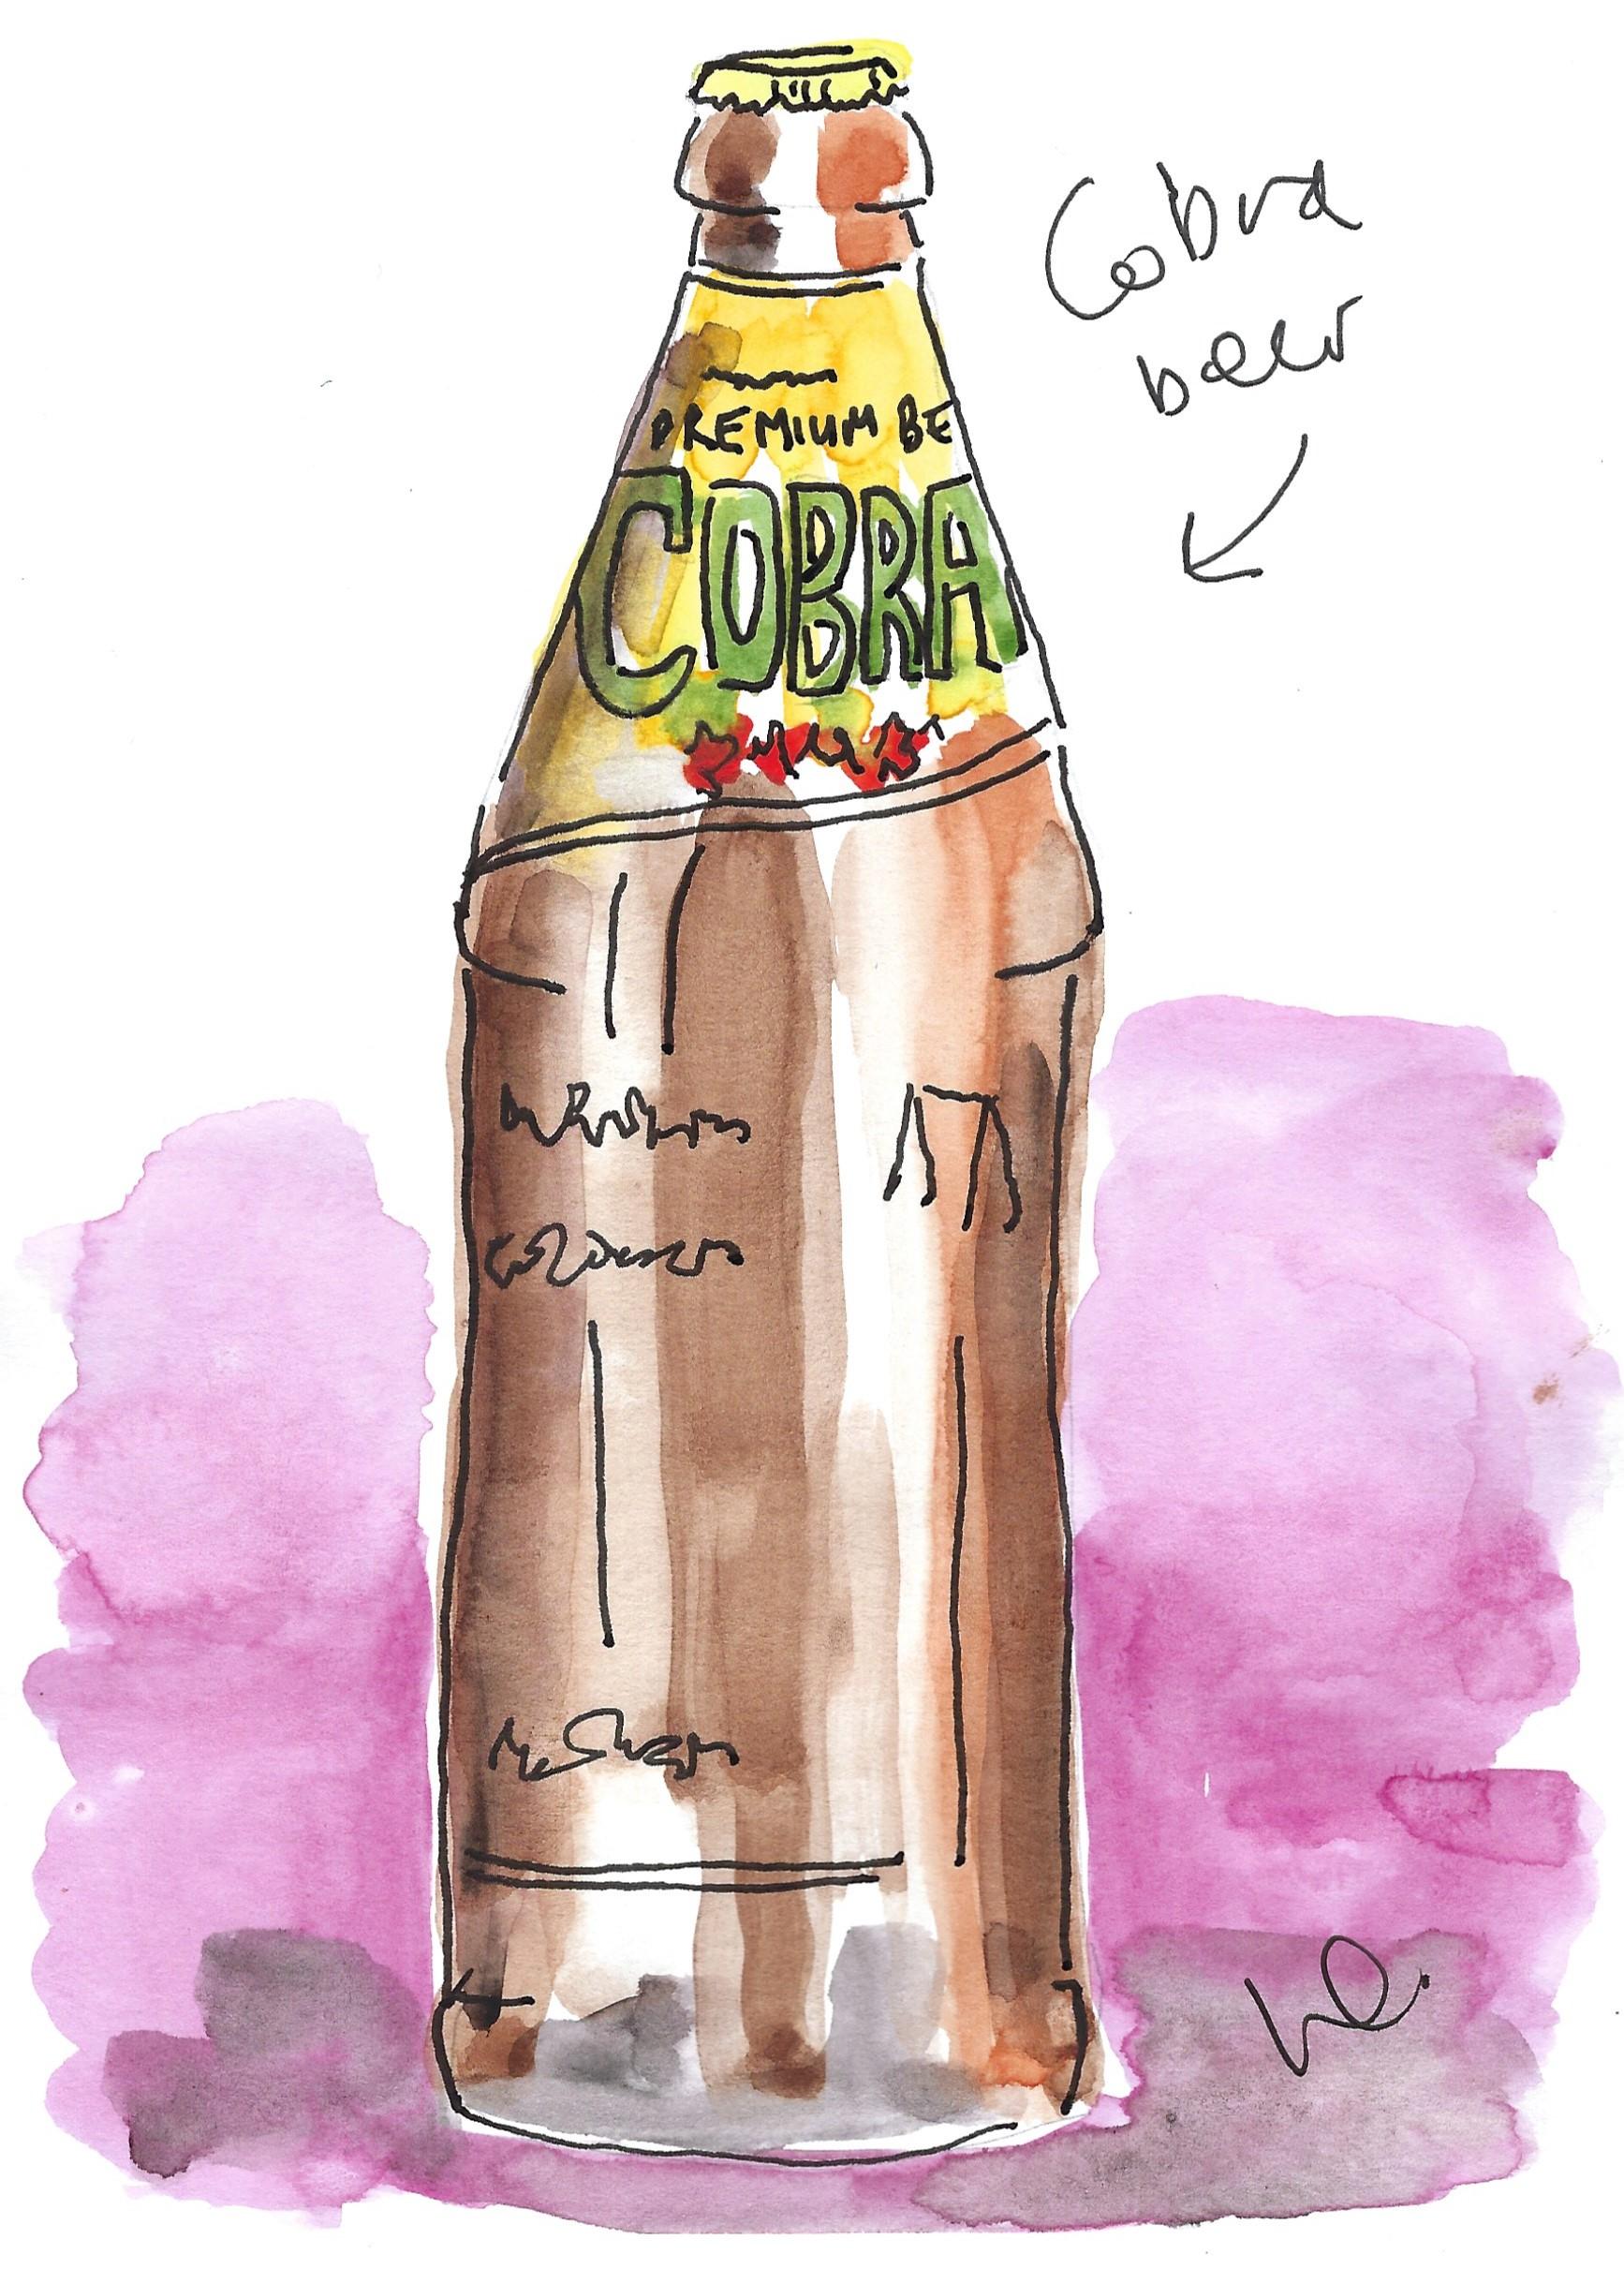 Cobra beer.jpg